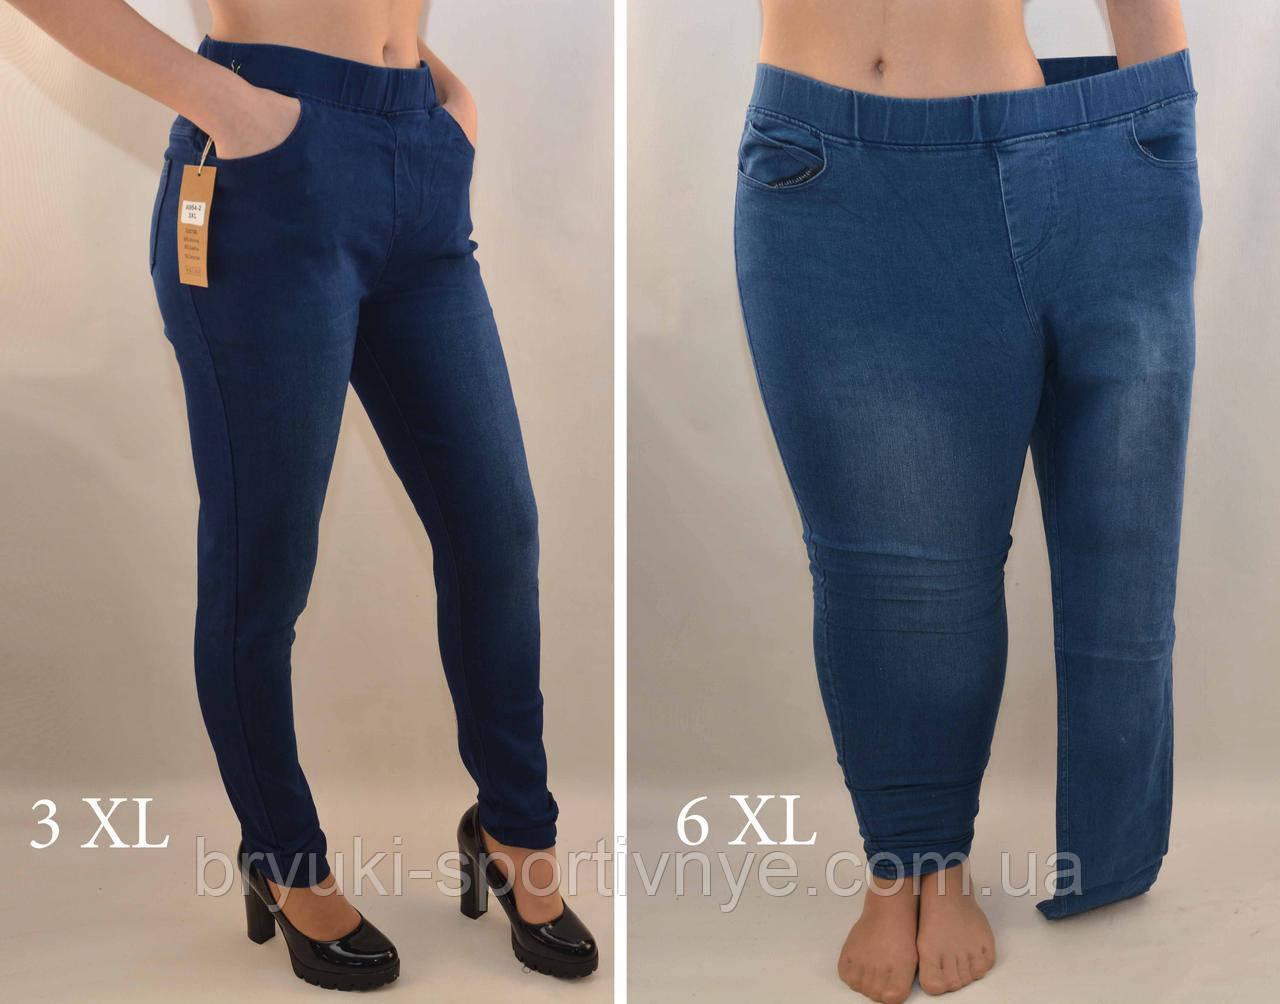 Джинси жіночі з потертостями у великих розмірах Джеггінси полубатал 3XL - 4XL